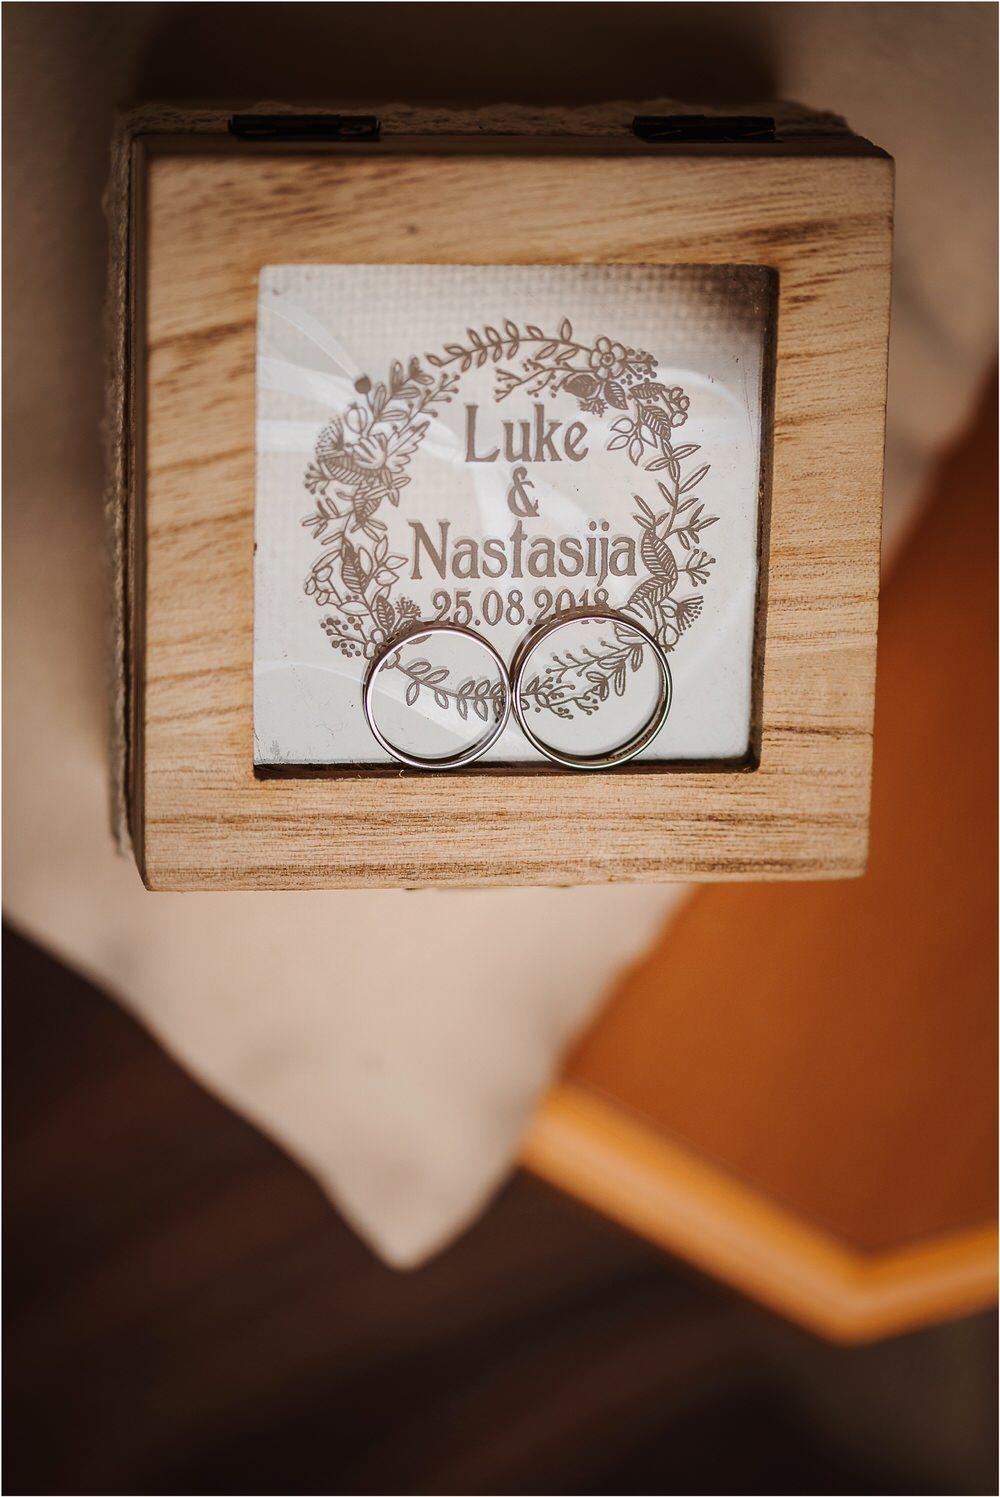 bohinj lake wedding boho chic rustic poroka bohinjsko jezero rustikalna fotograf fotografiranje poročni 0015.jpg